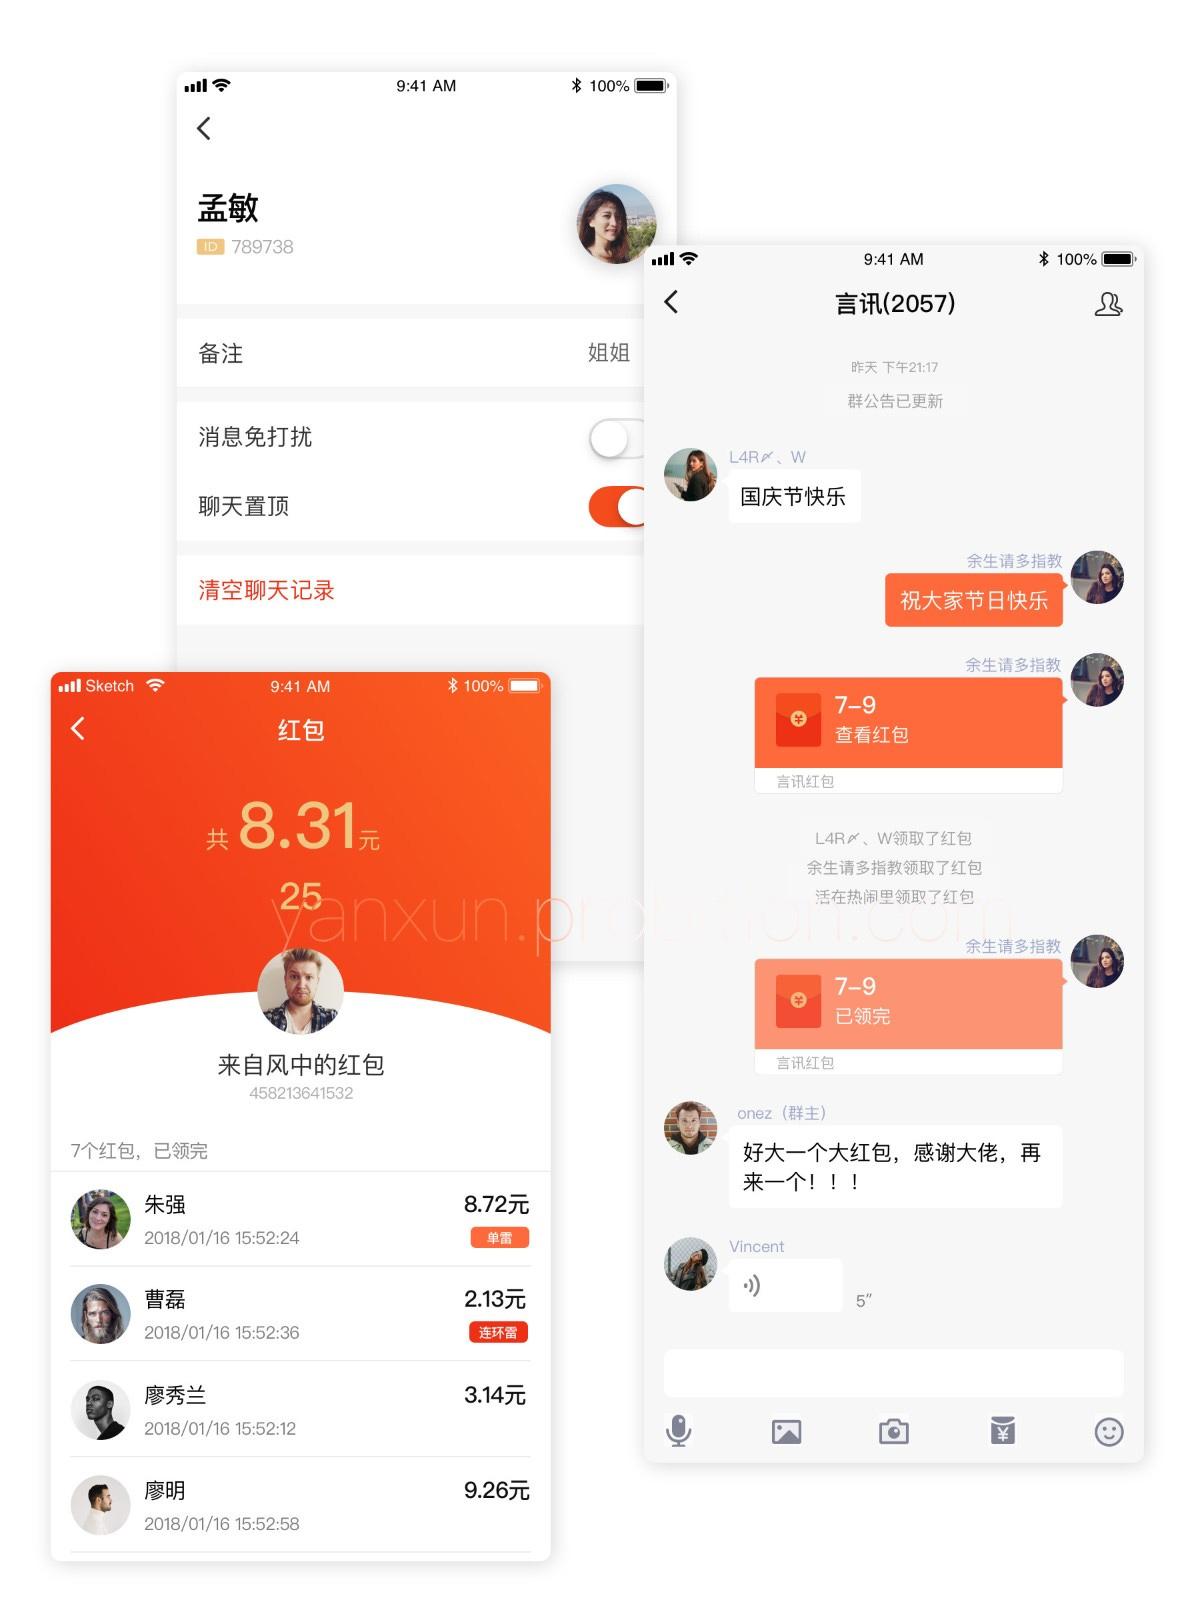 【仿微信聊天APP】2020最新言讯即时聊天通讯安卓苹果双端原生源码-酷网站源码